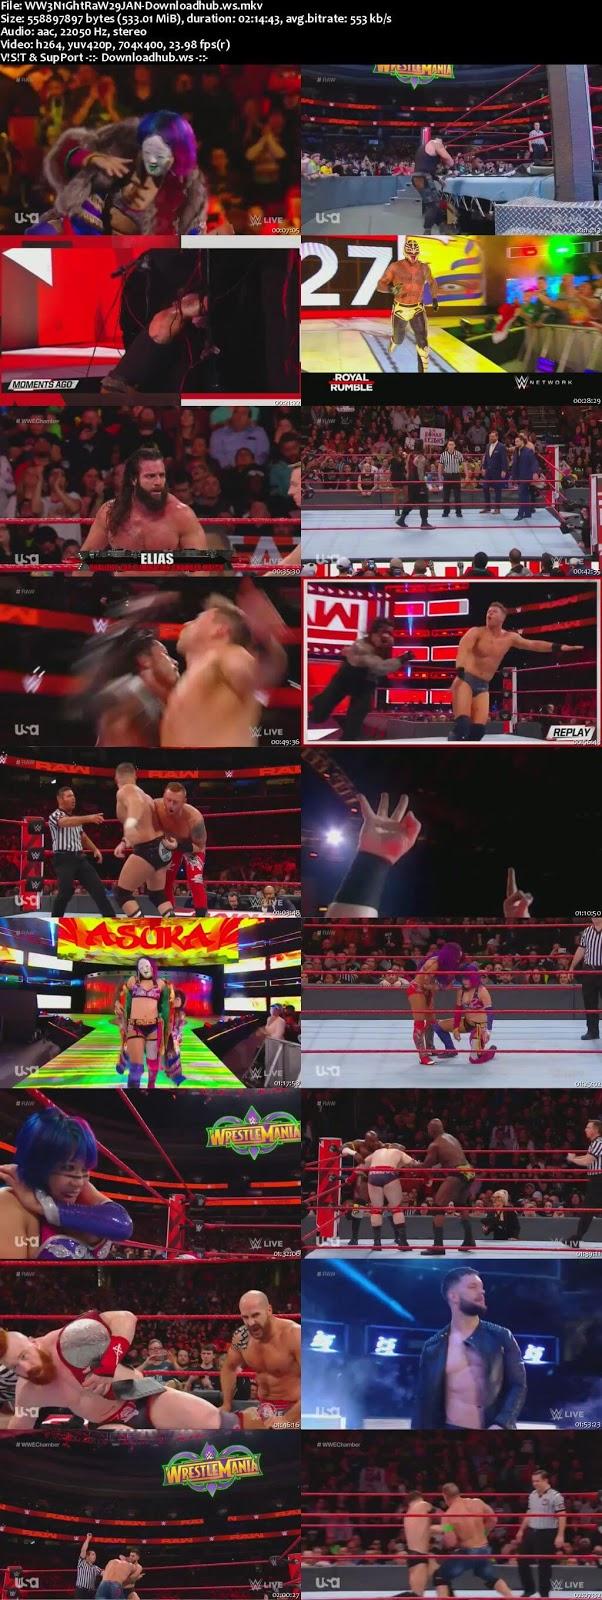 WWE Monday Night Raw 29 January 2018 480p HDTV Download